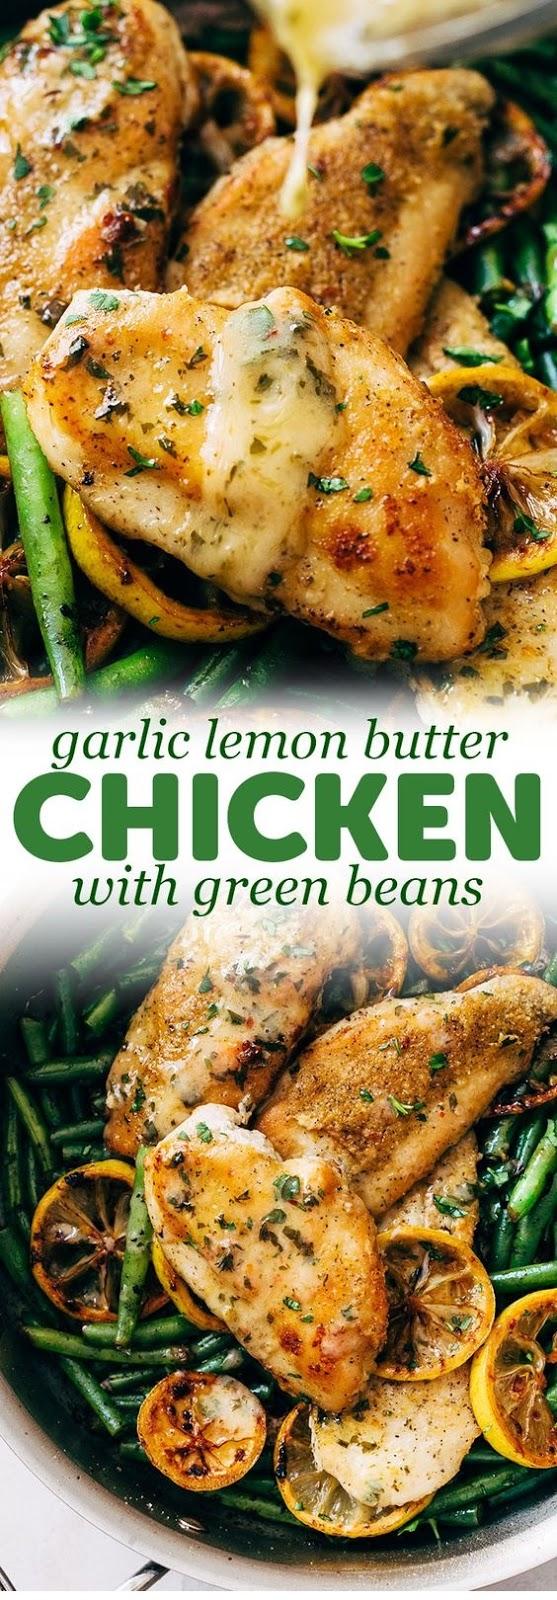 Skillet Garlic Lemon Butter Chicken